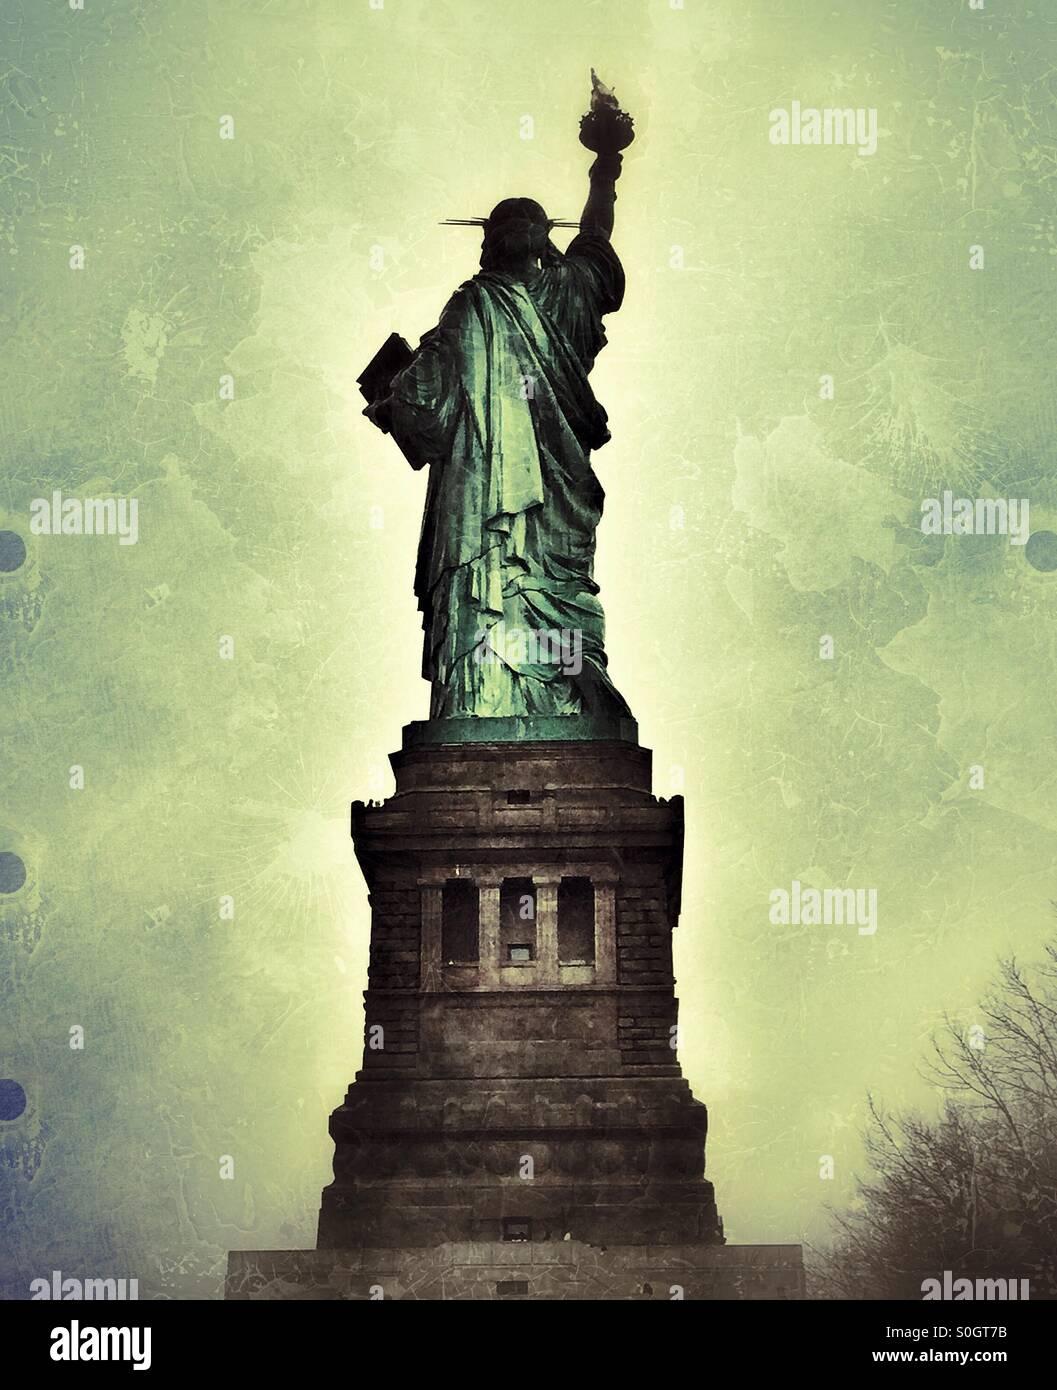 Vista posteriore della Statua della Libertà, New York, Stati Uniti d'America Foto Stock